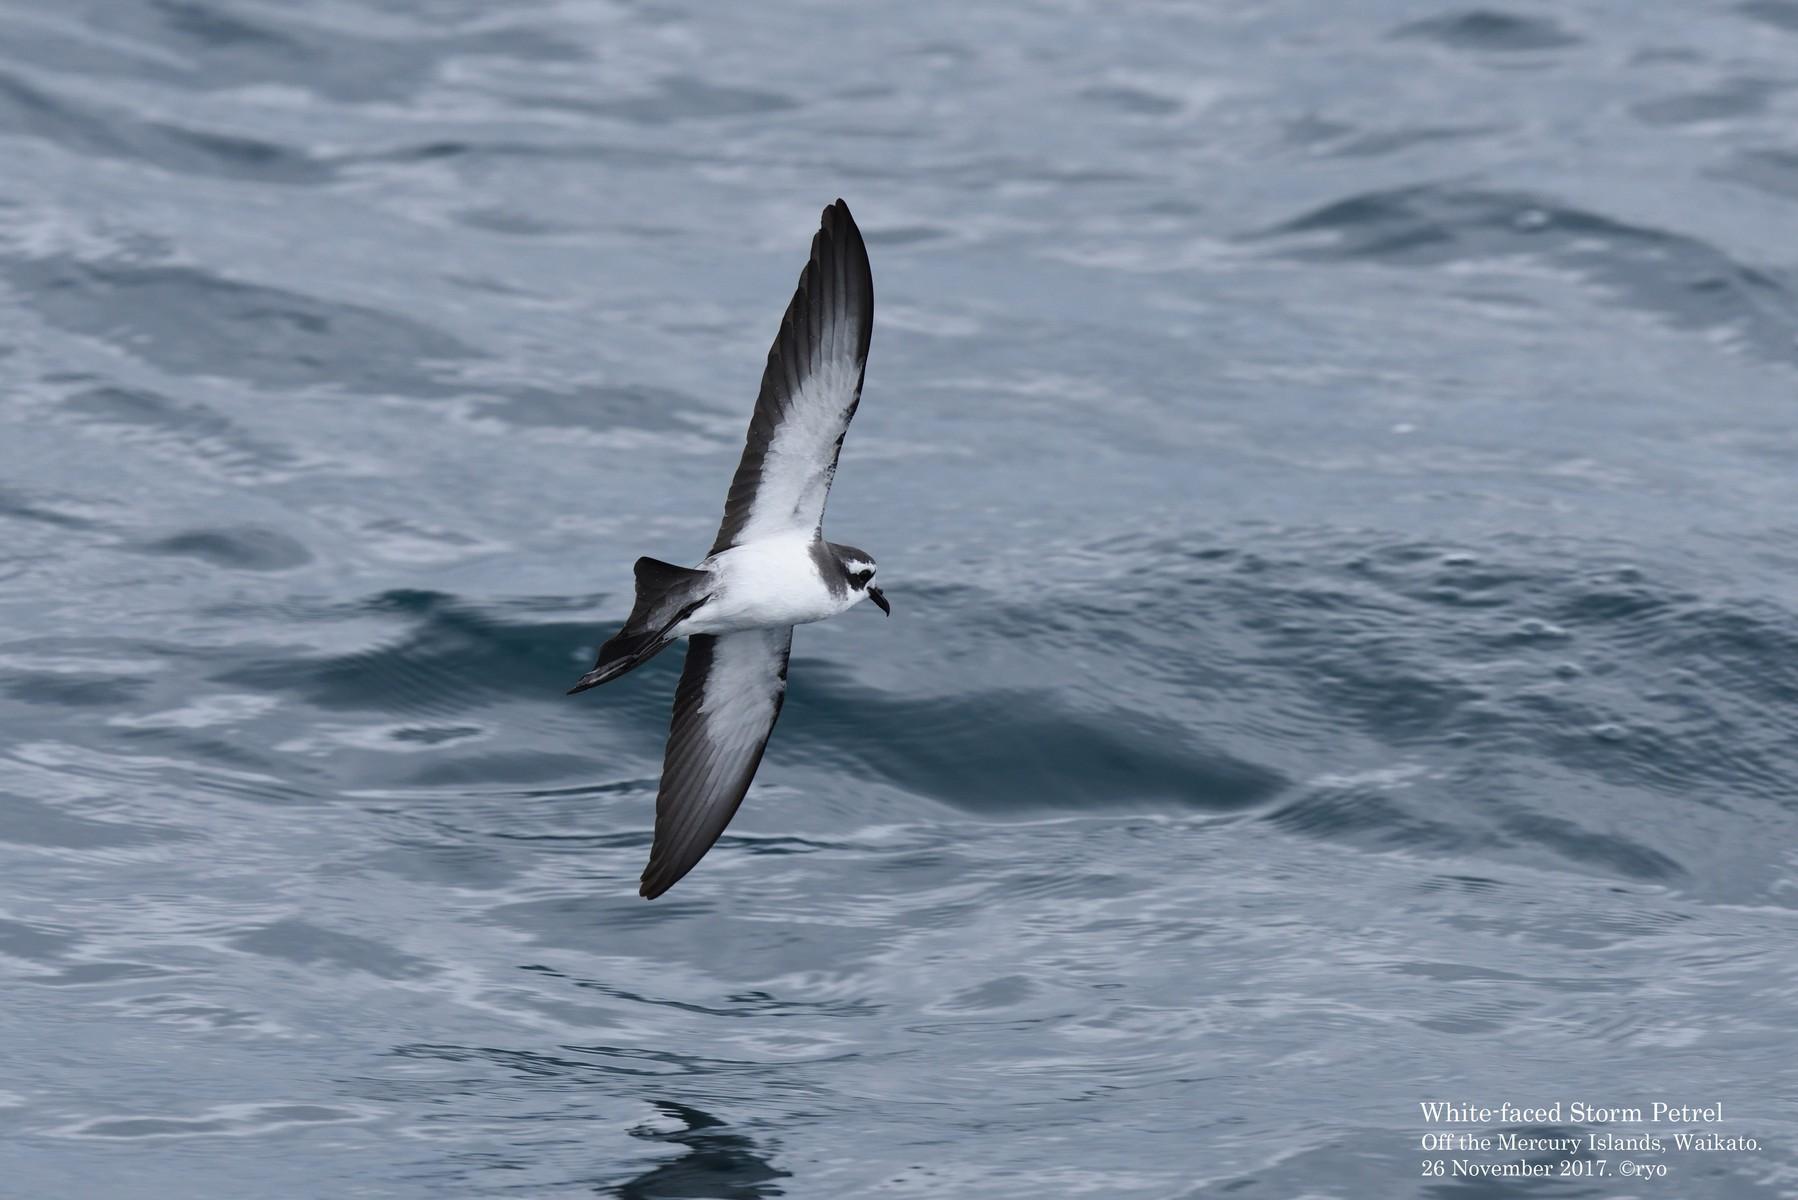 島と海 NZ Day5 Whitianga⑤ White-faced Storm Petrel/カオジロウミツバメ、Fairy Prion/ヒメクジラドリ などコメント